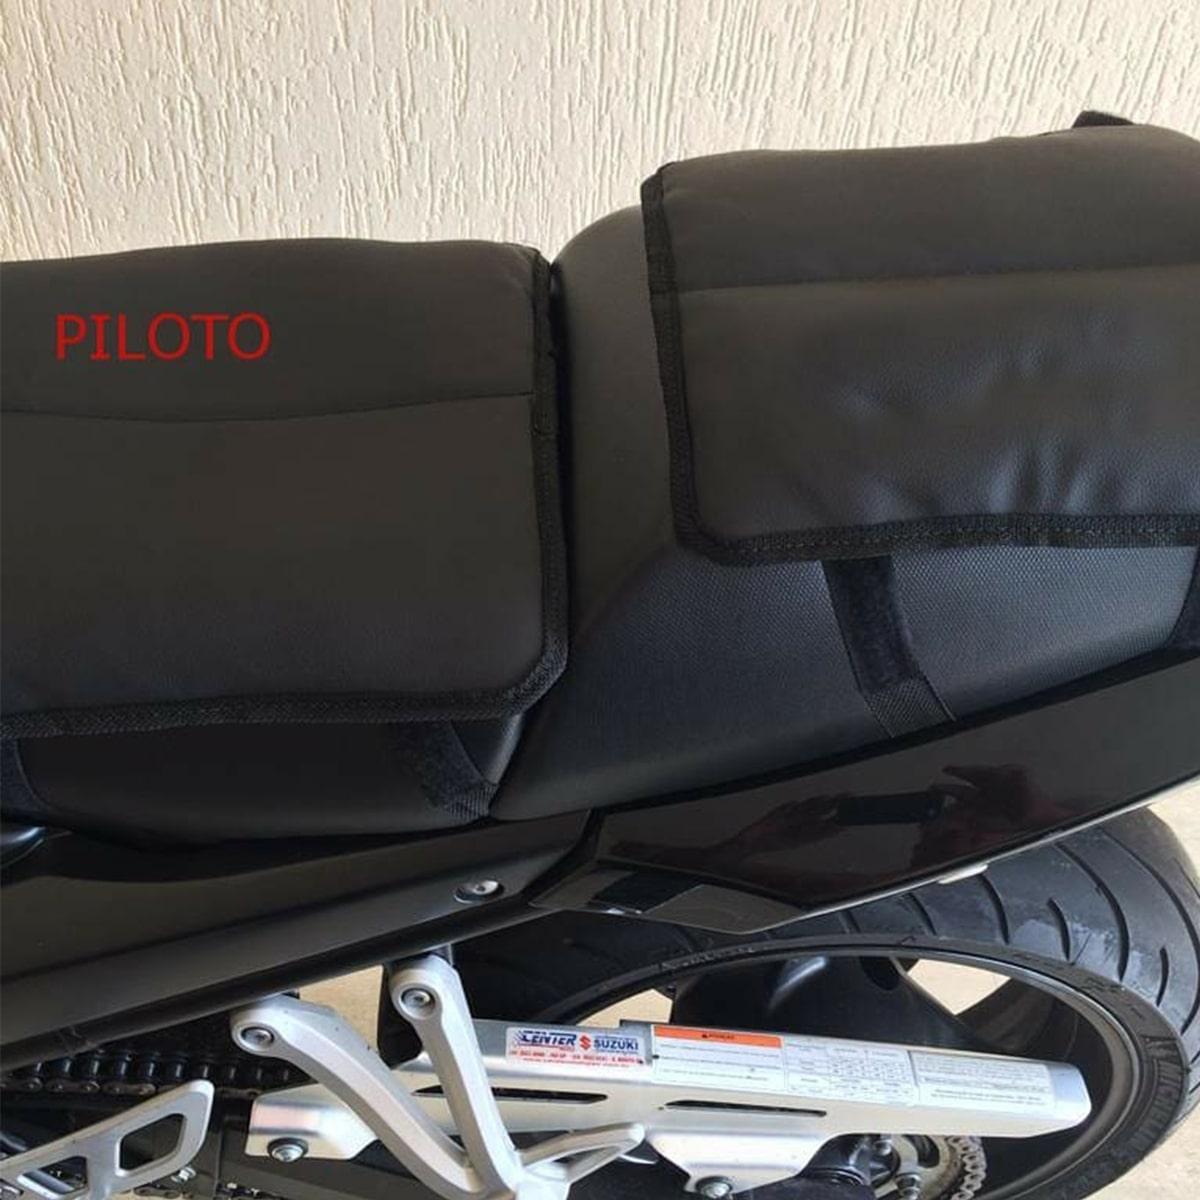 Almofada Gel Piloto Universal Para Motos - 005-777-RB AT